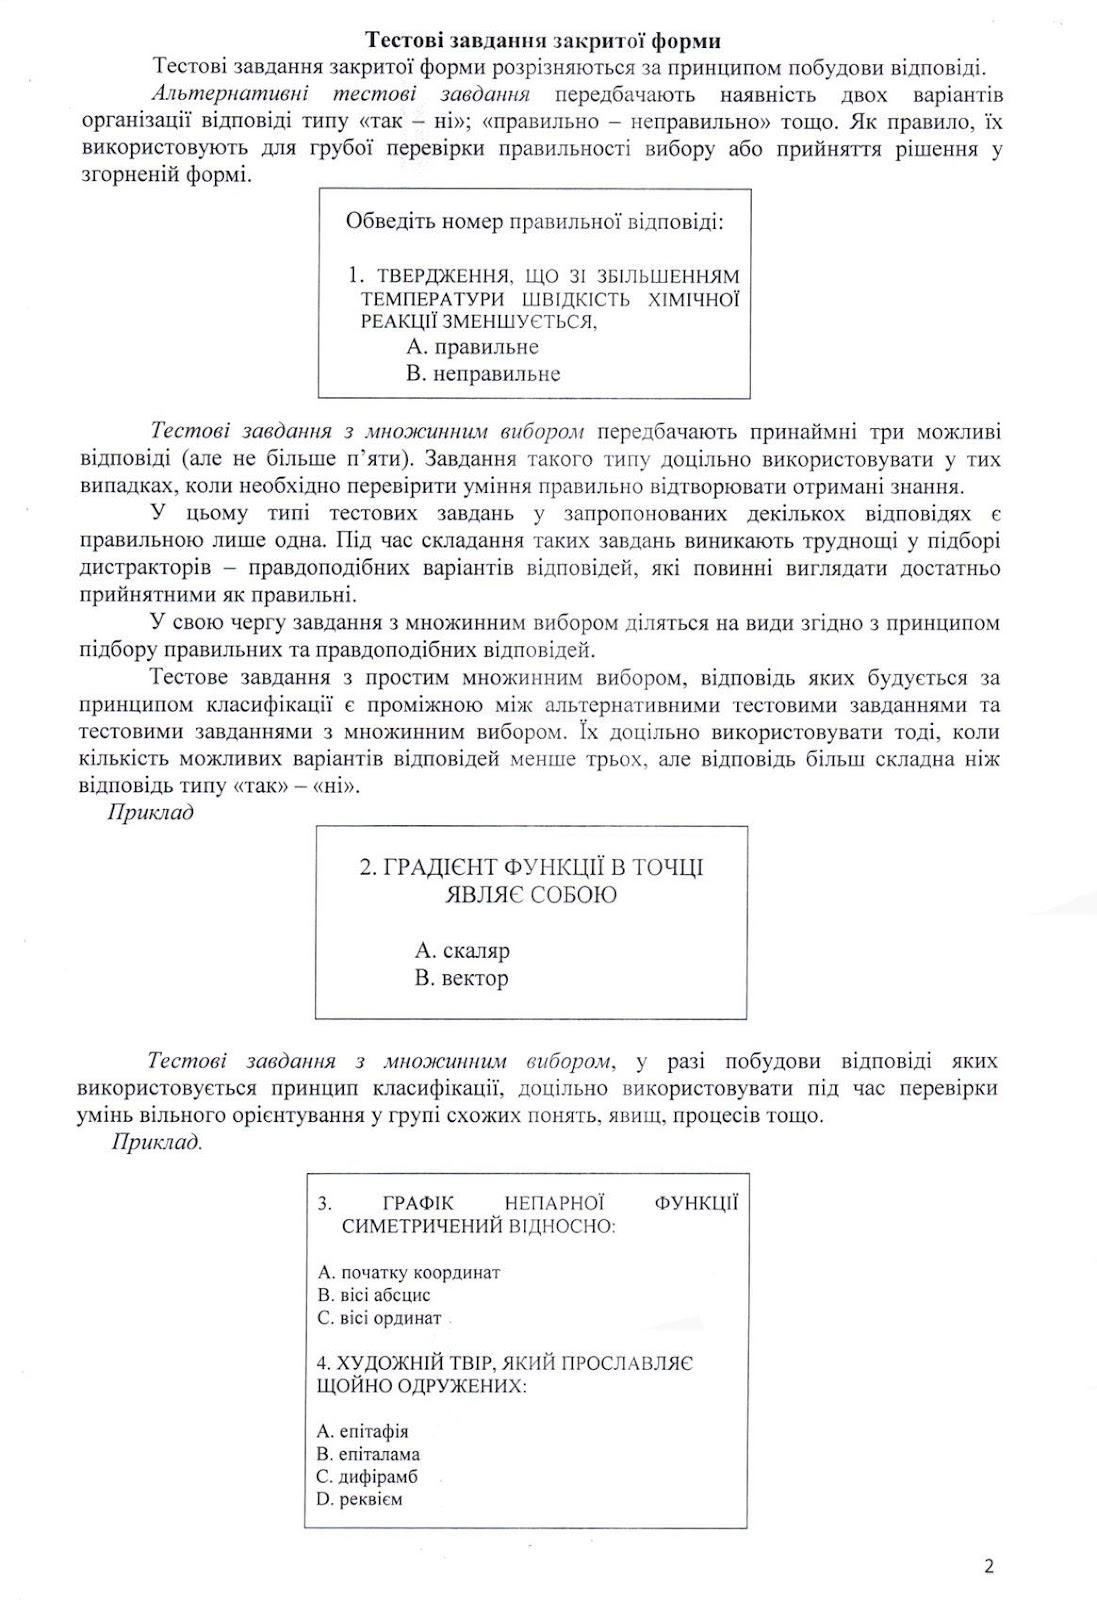 C:\Documents and Settings\Admin\Мои документы\Мои рисунки\тести0002.jpg